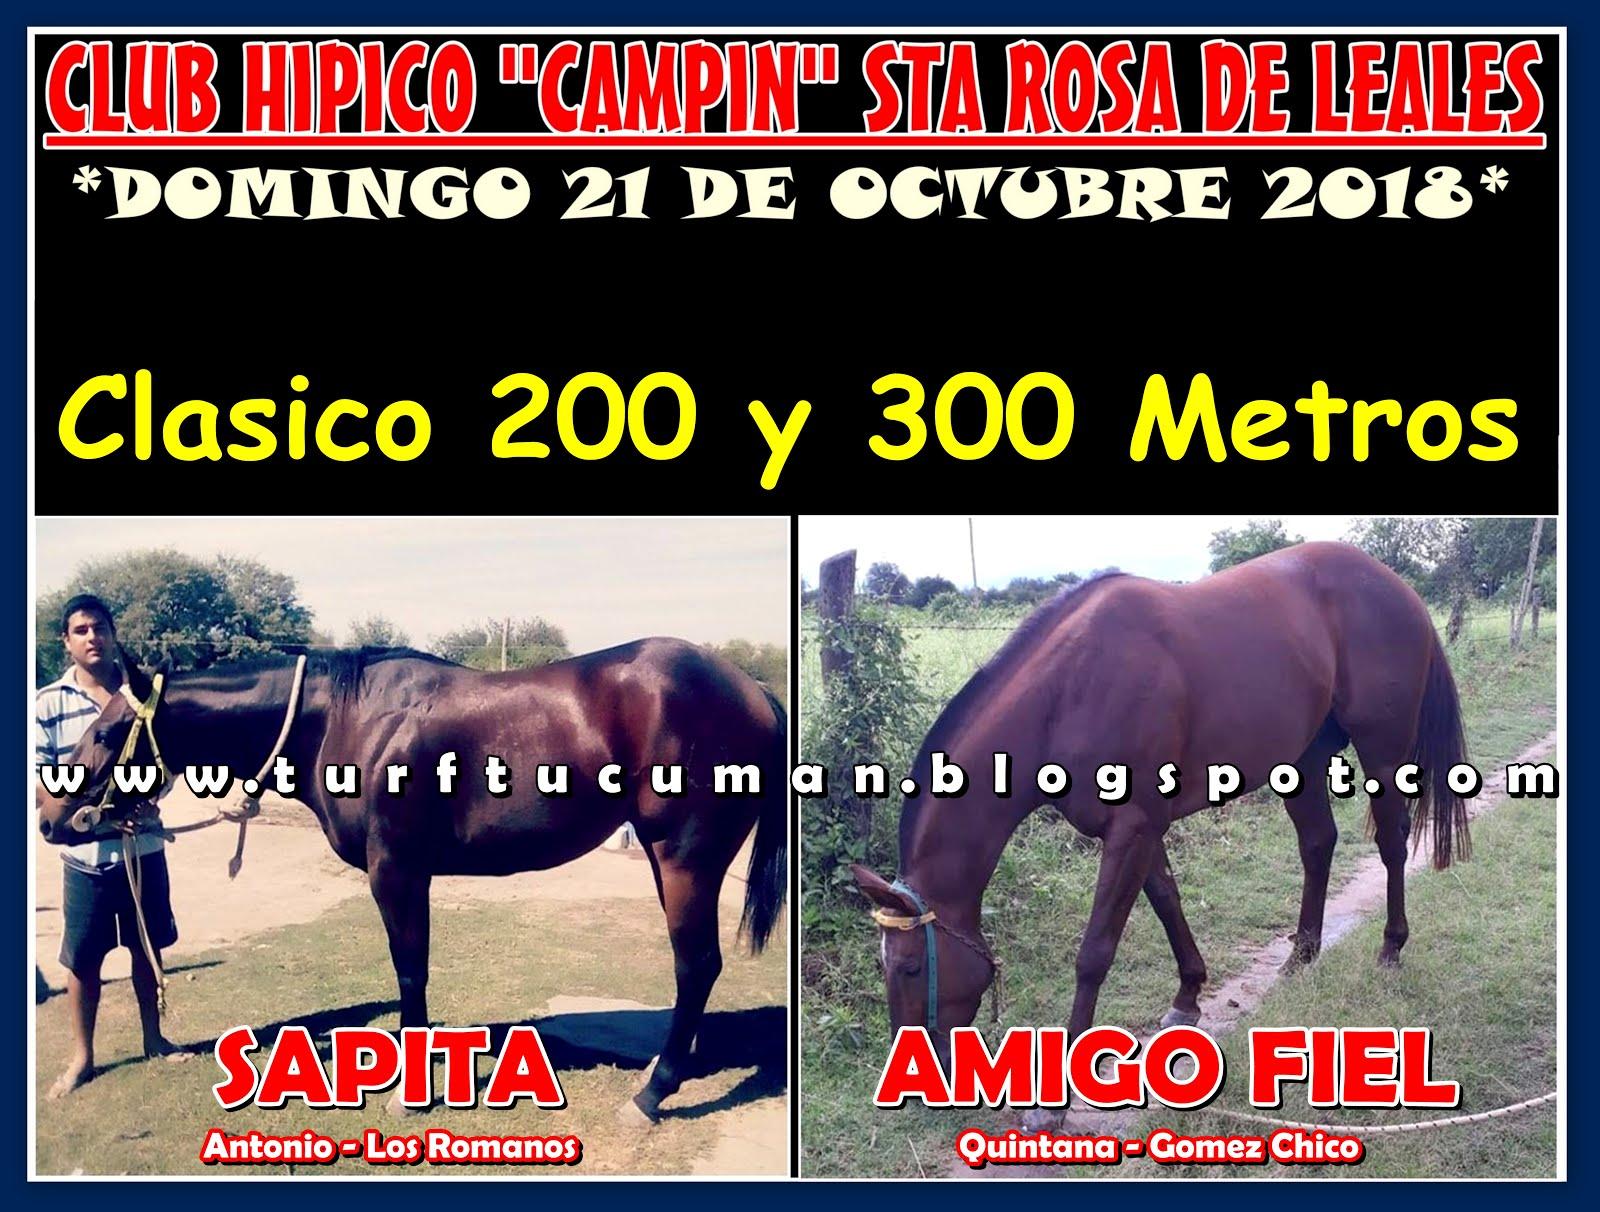 SAPITA VS AMIGO FIEL